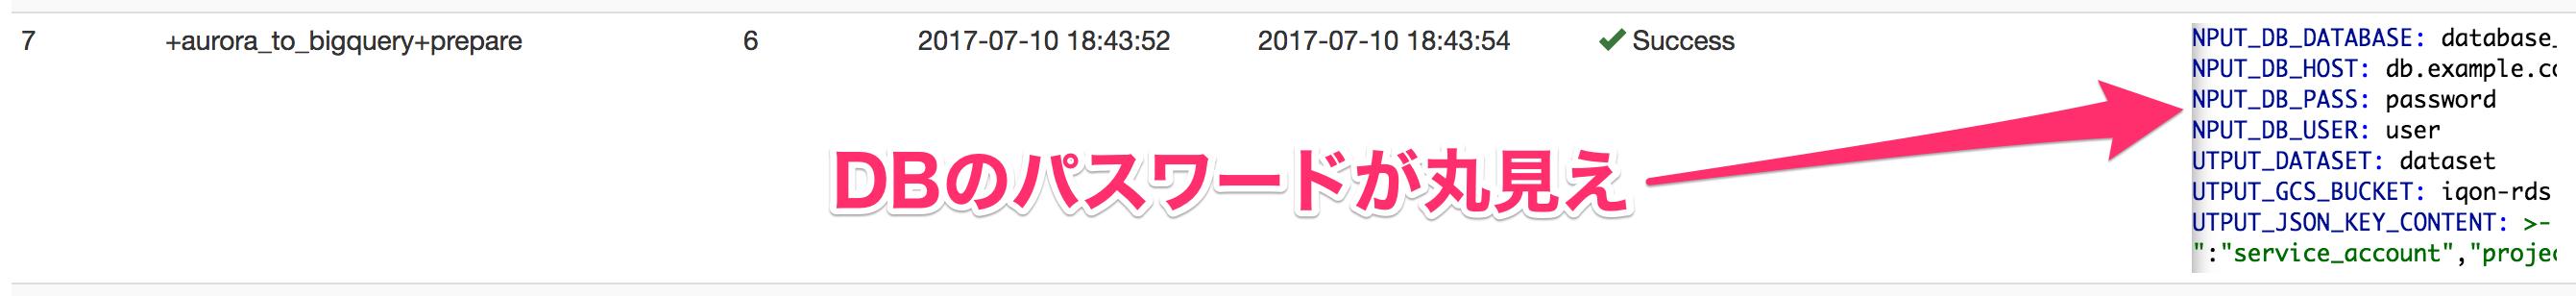 スクリーンショット_2017-07-10_18_45_08.png